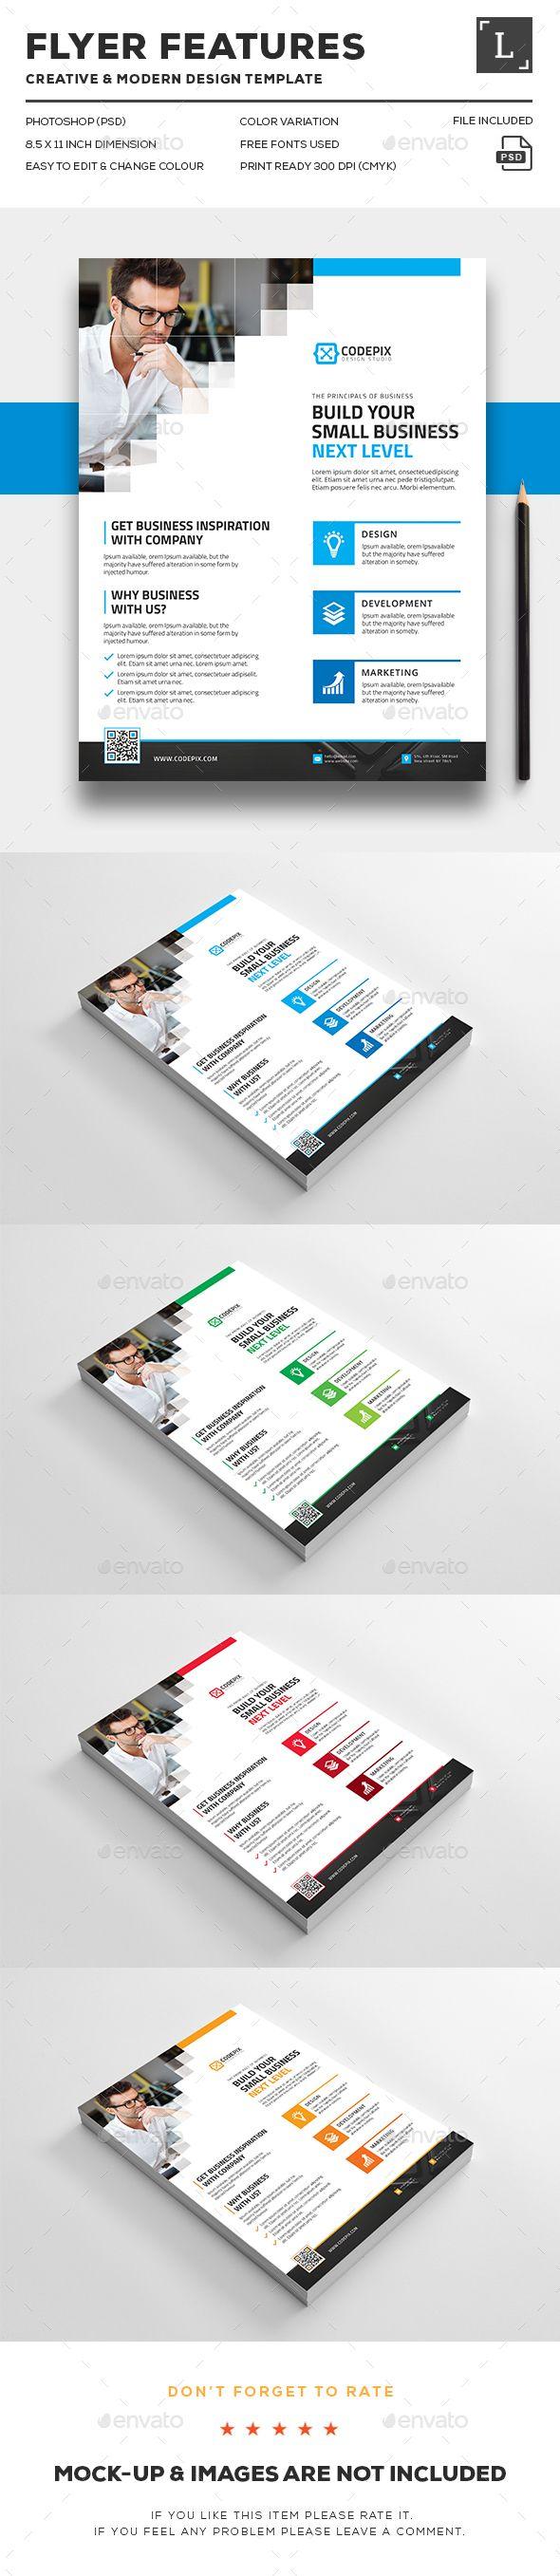 502 best design & coporat images on Pinterest | Page layout ...